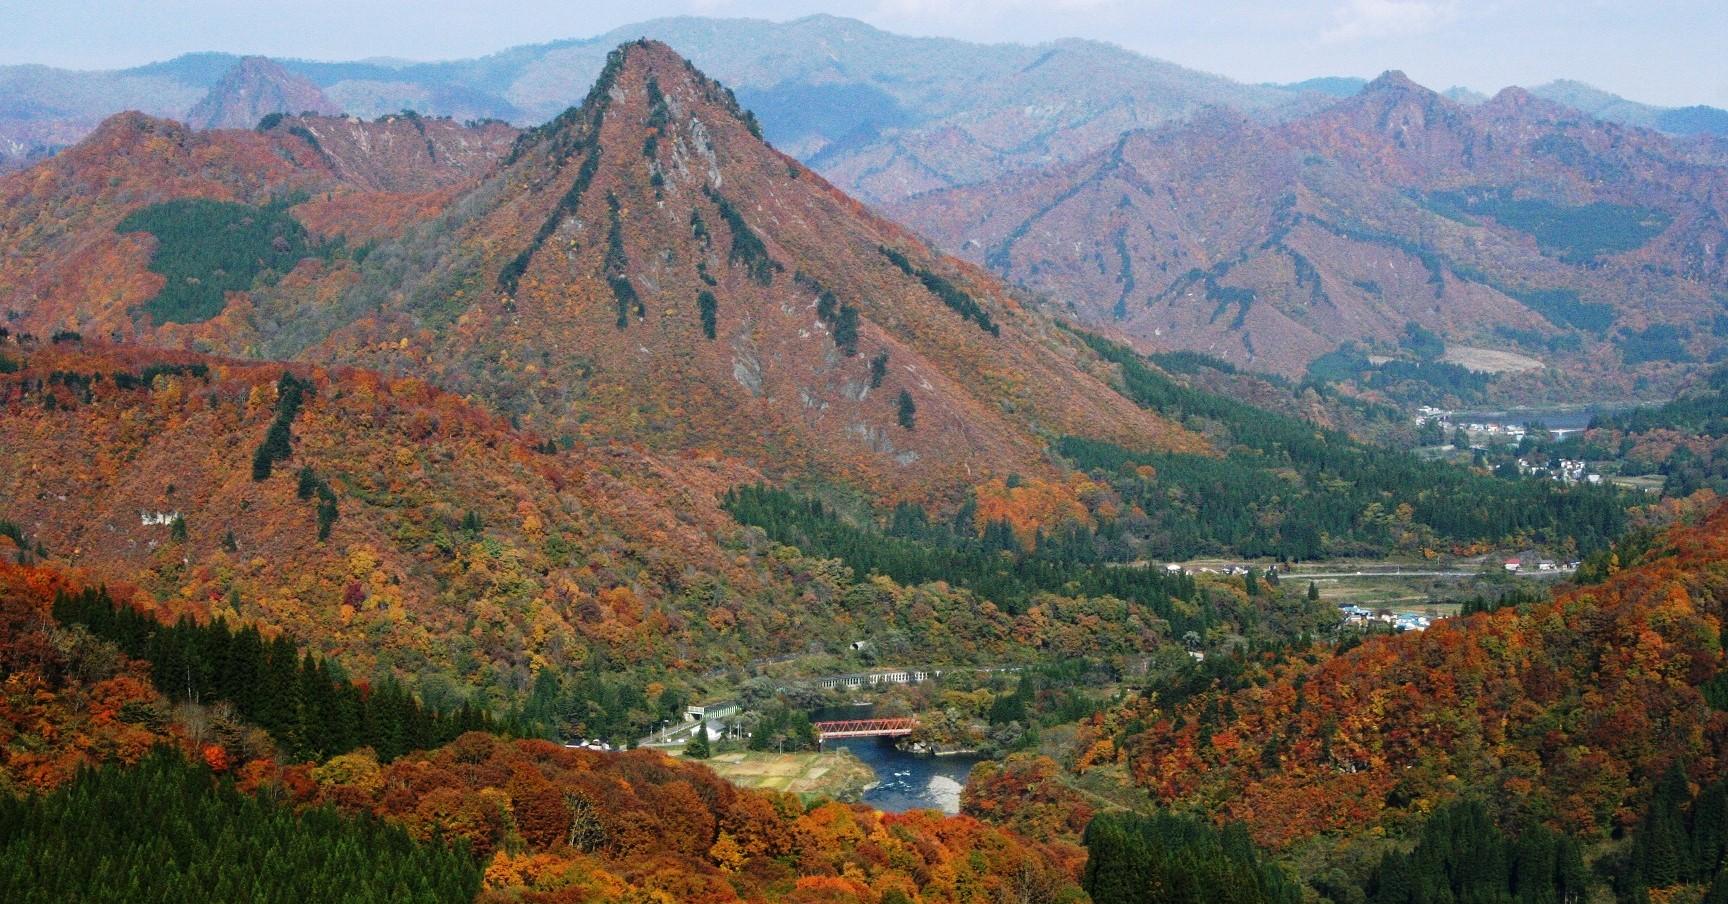 蒲生岳は、会津のマッターホルンとも呼ばれる人気の山です。